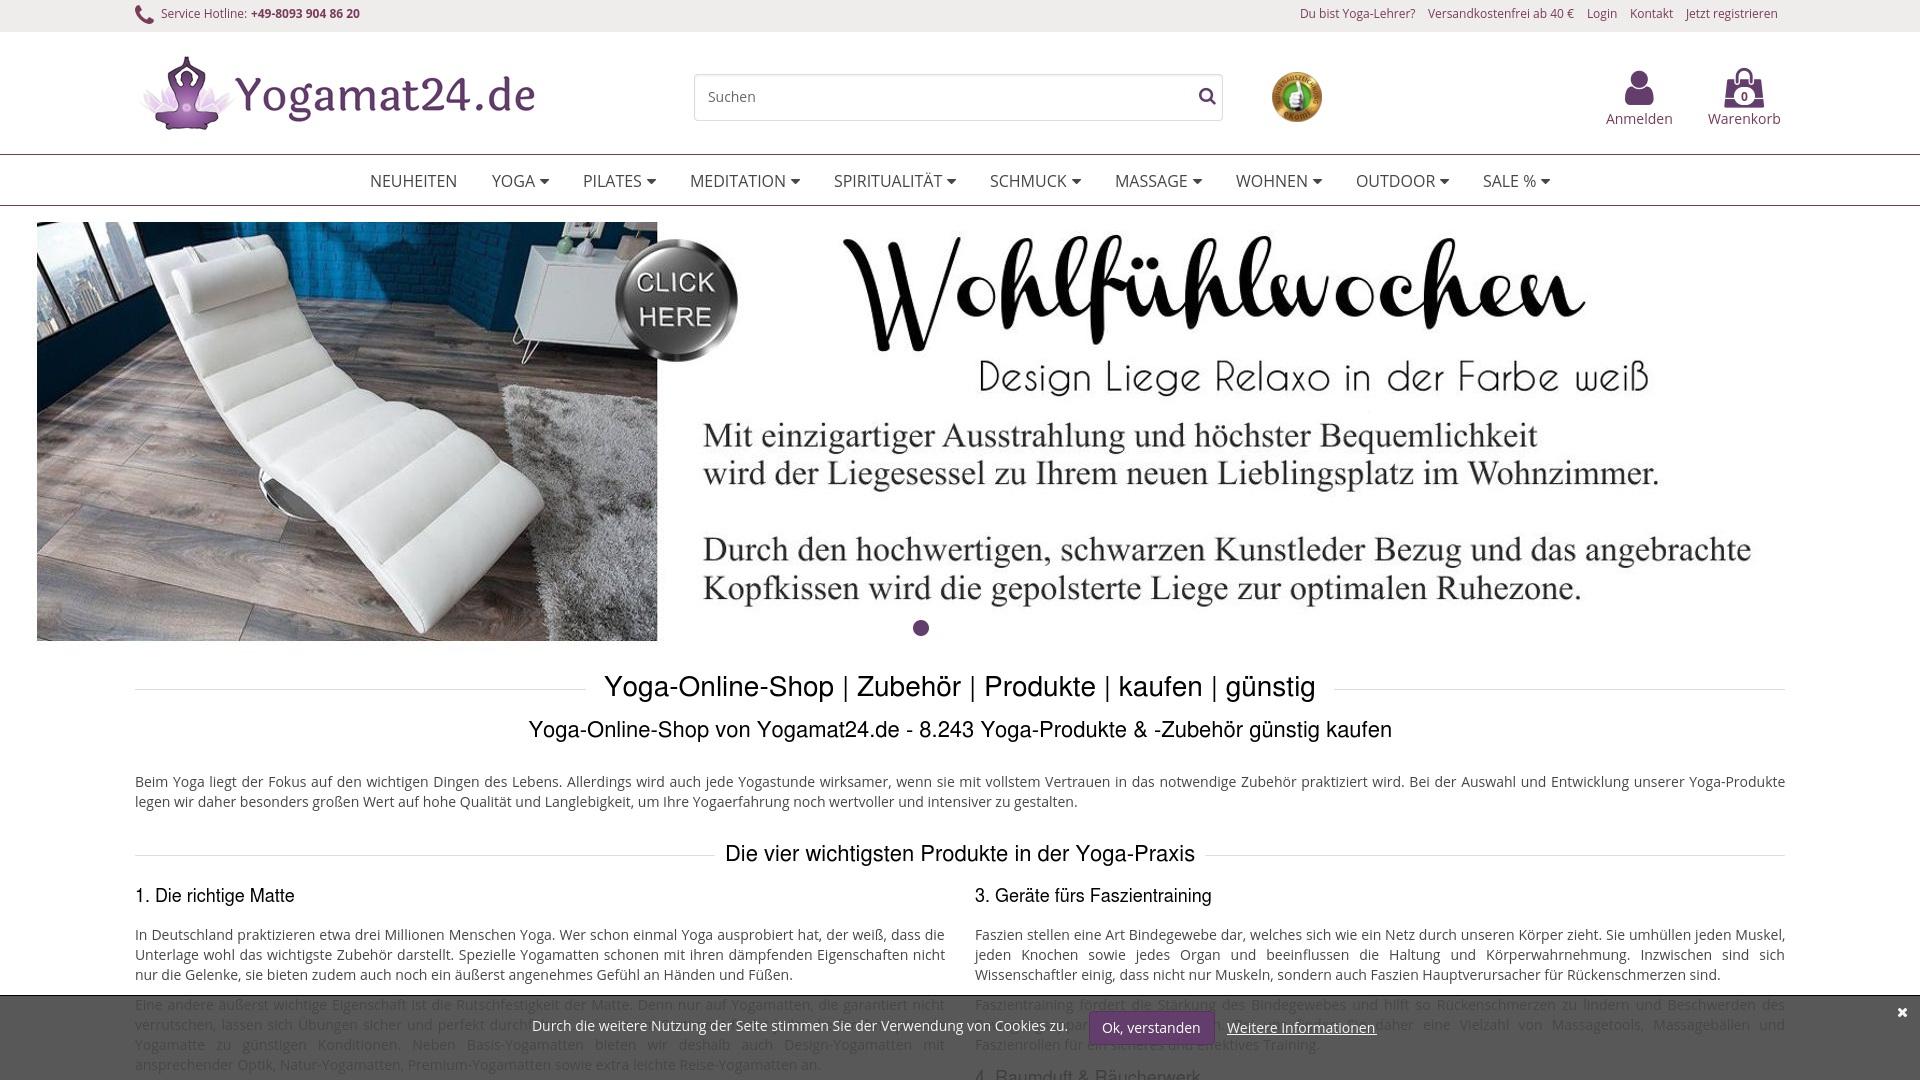 Gutschein für Yogamat24: Rabatte für  Yogamat24 sichern